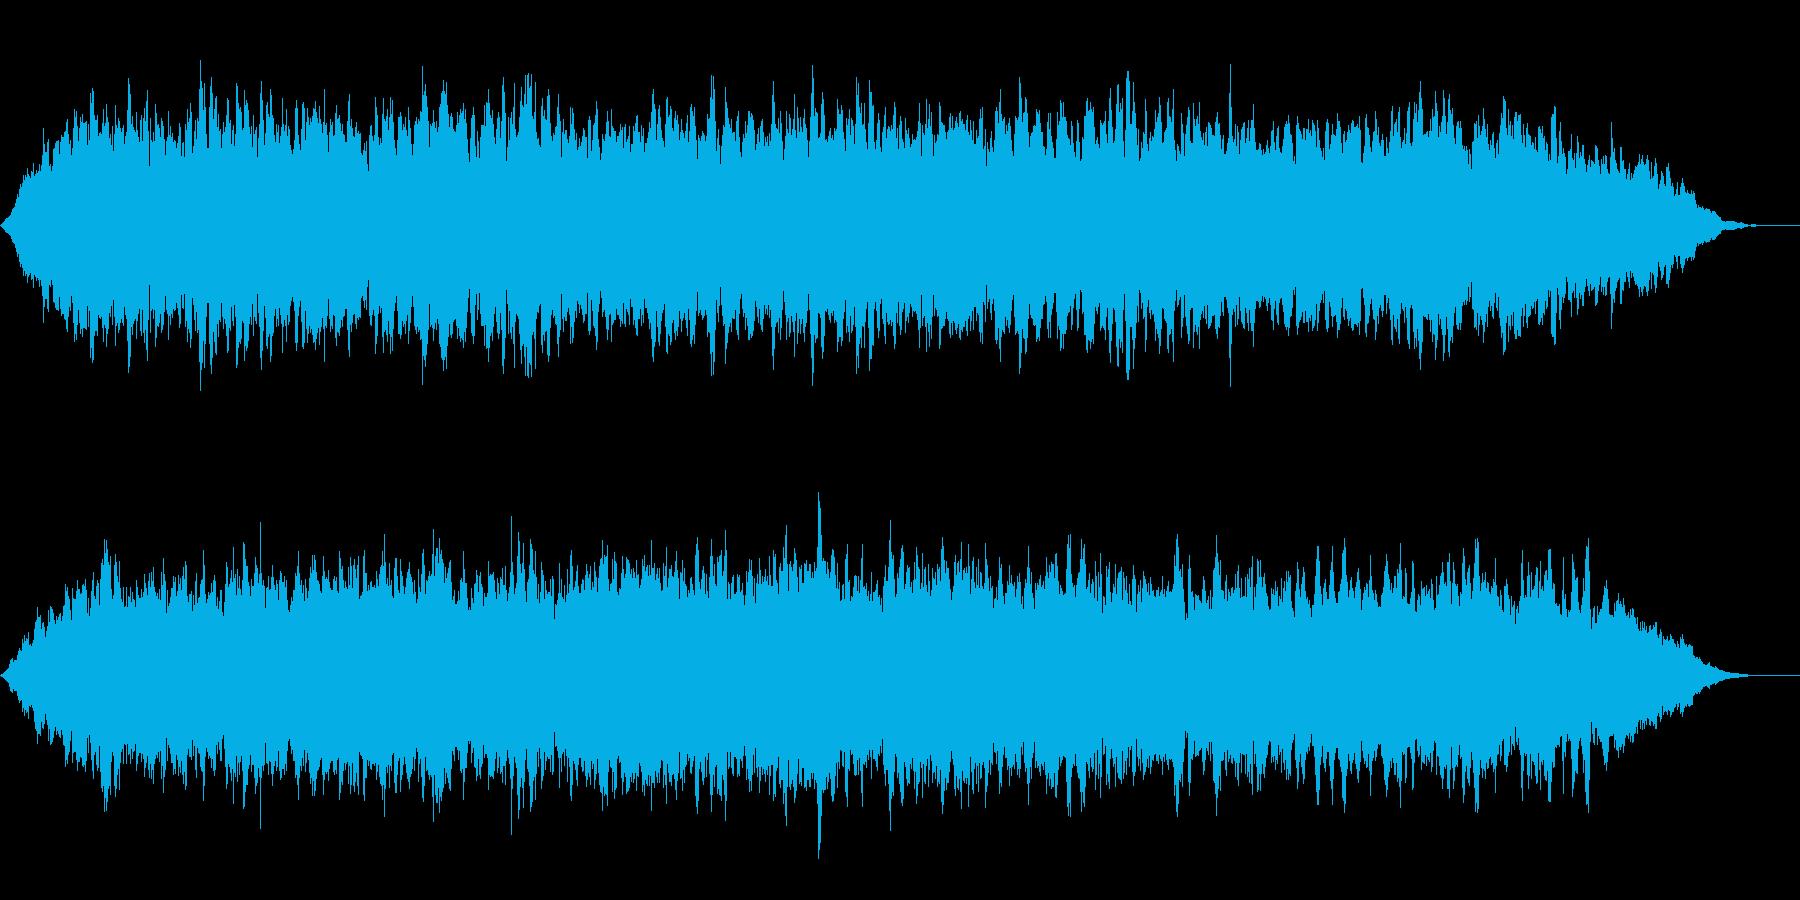 Dark_ホラーで怪しく神秘的-17_Lの再生済みの波形